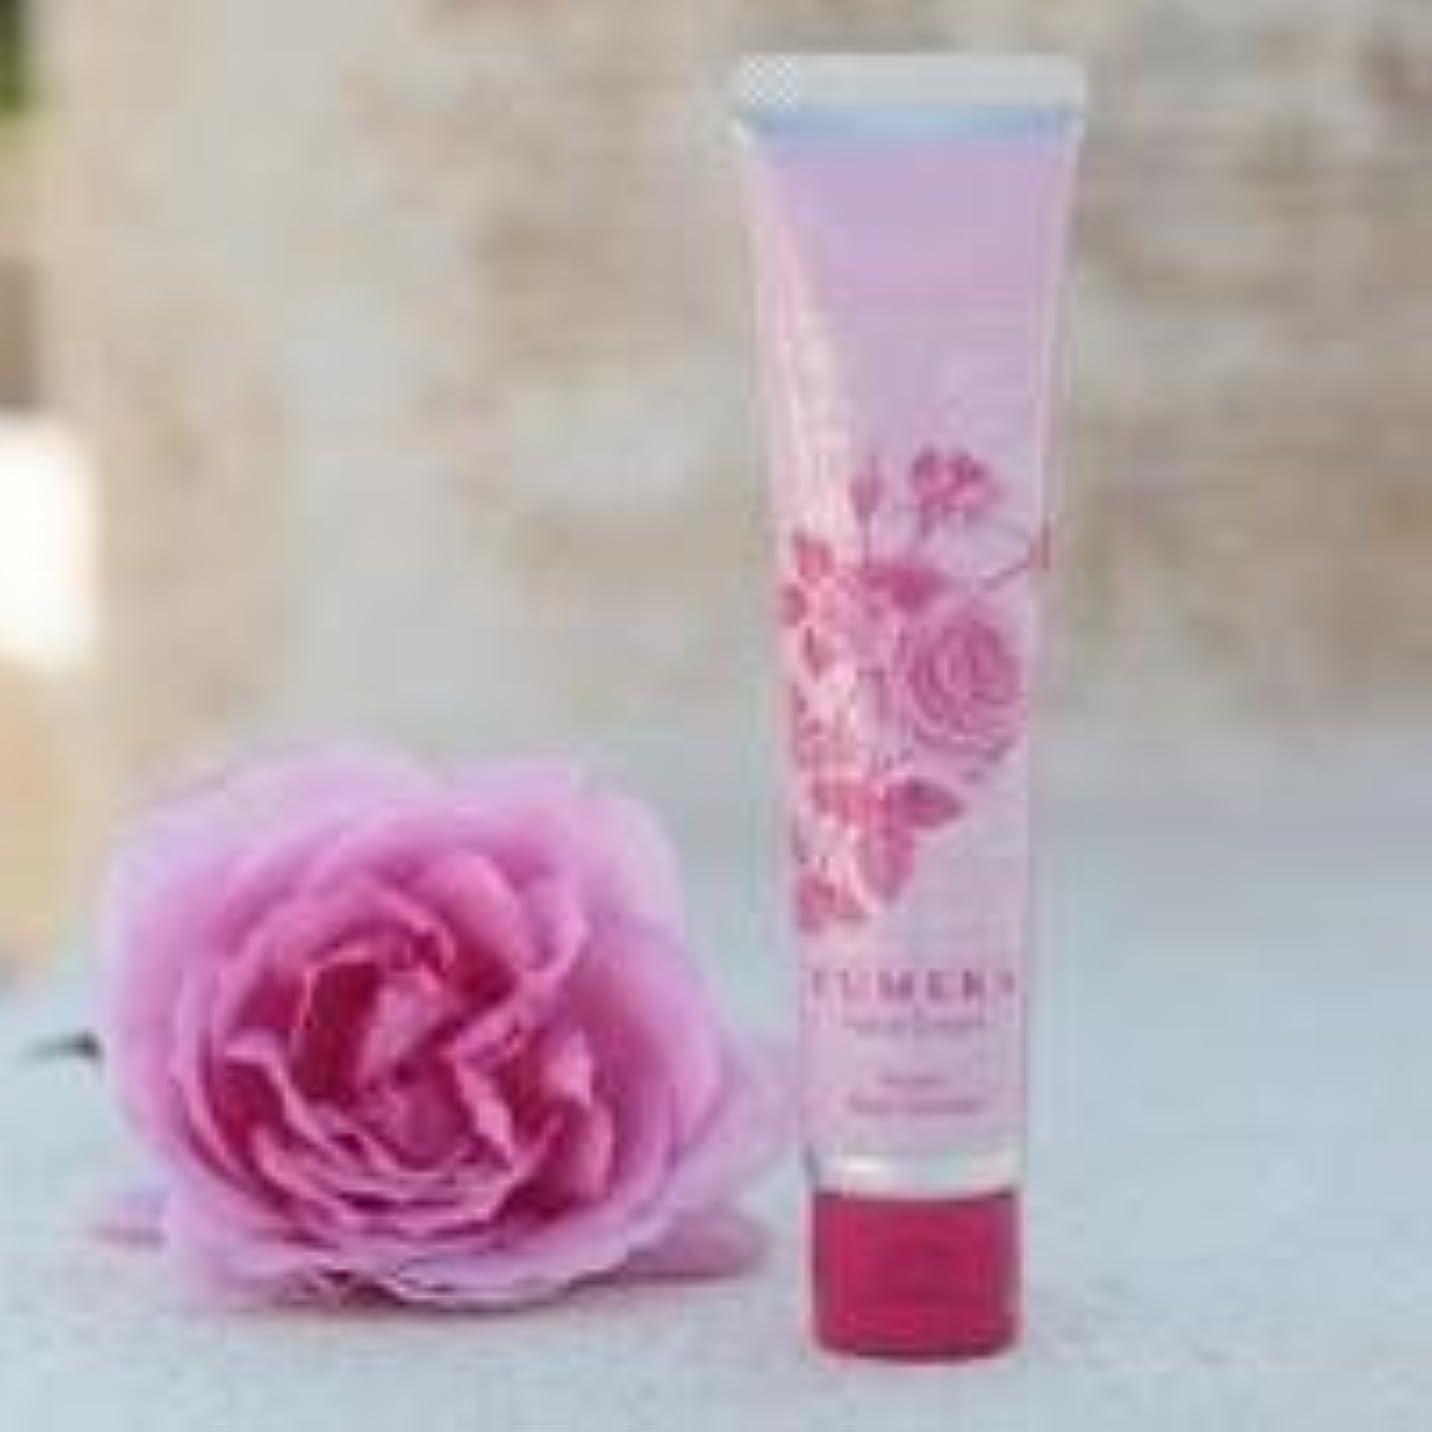 アート報いる種バラの香りの贈り物?ハンドクリーム 夢香